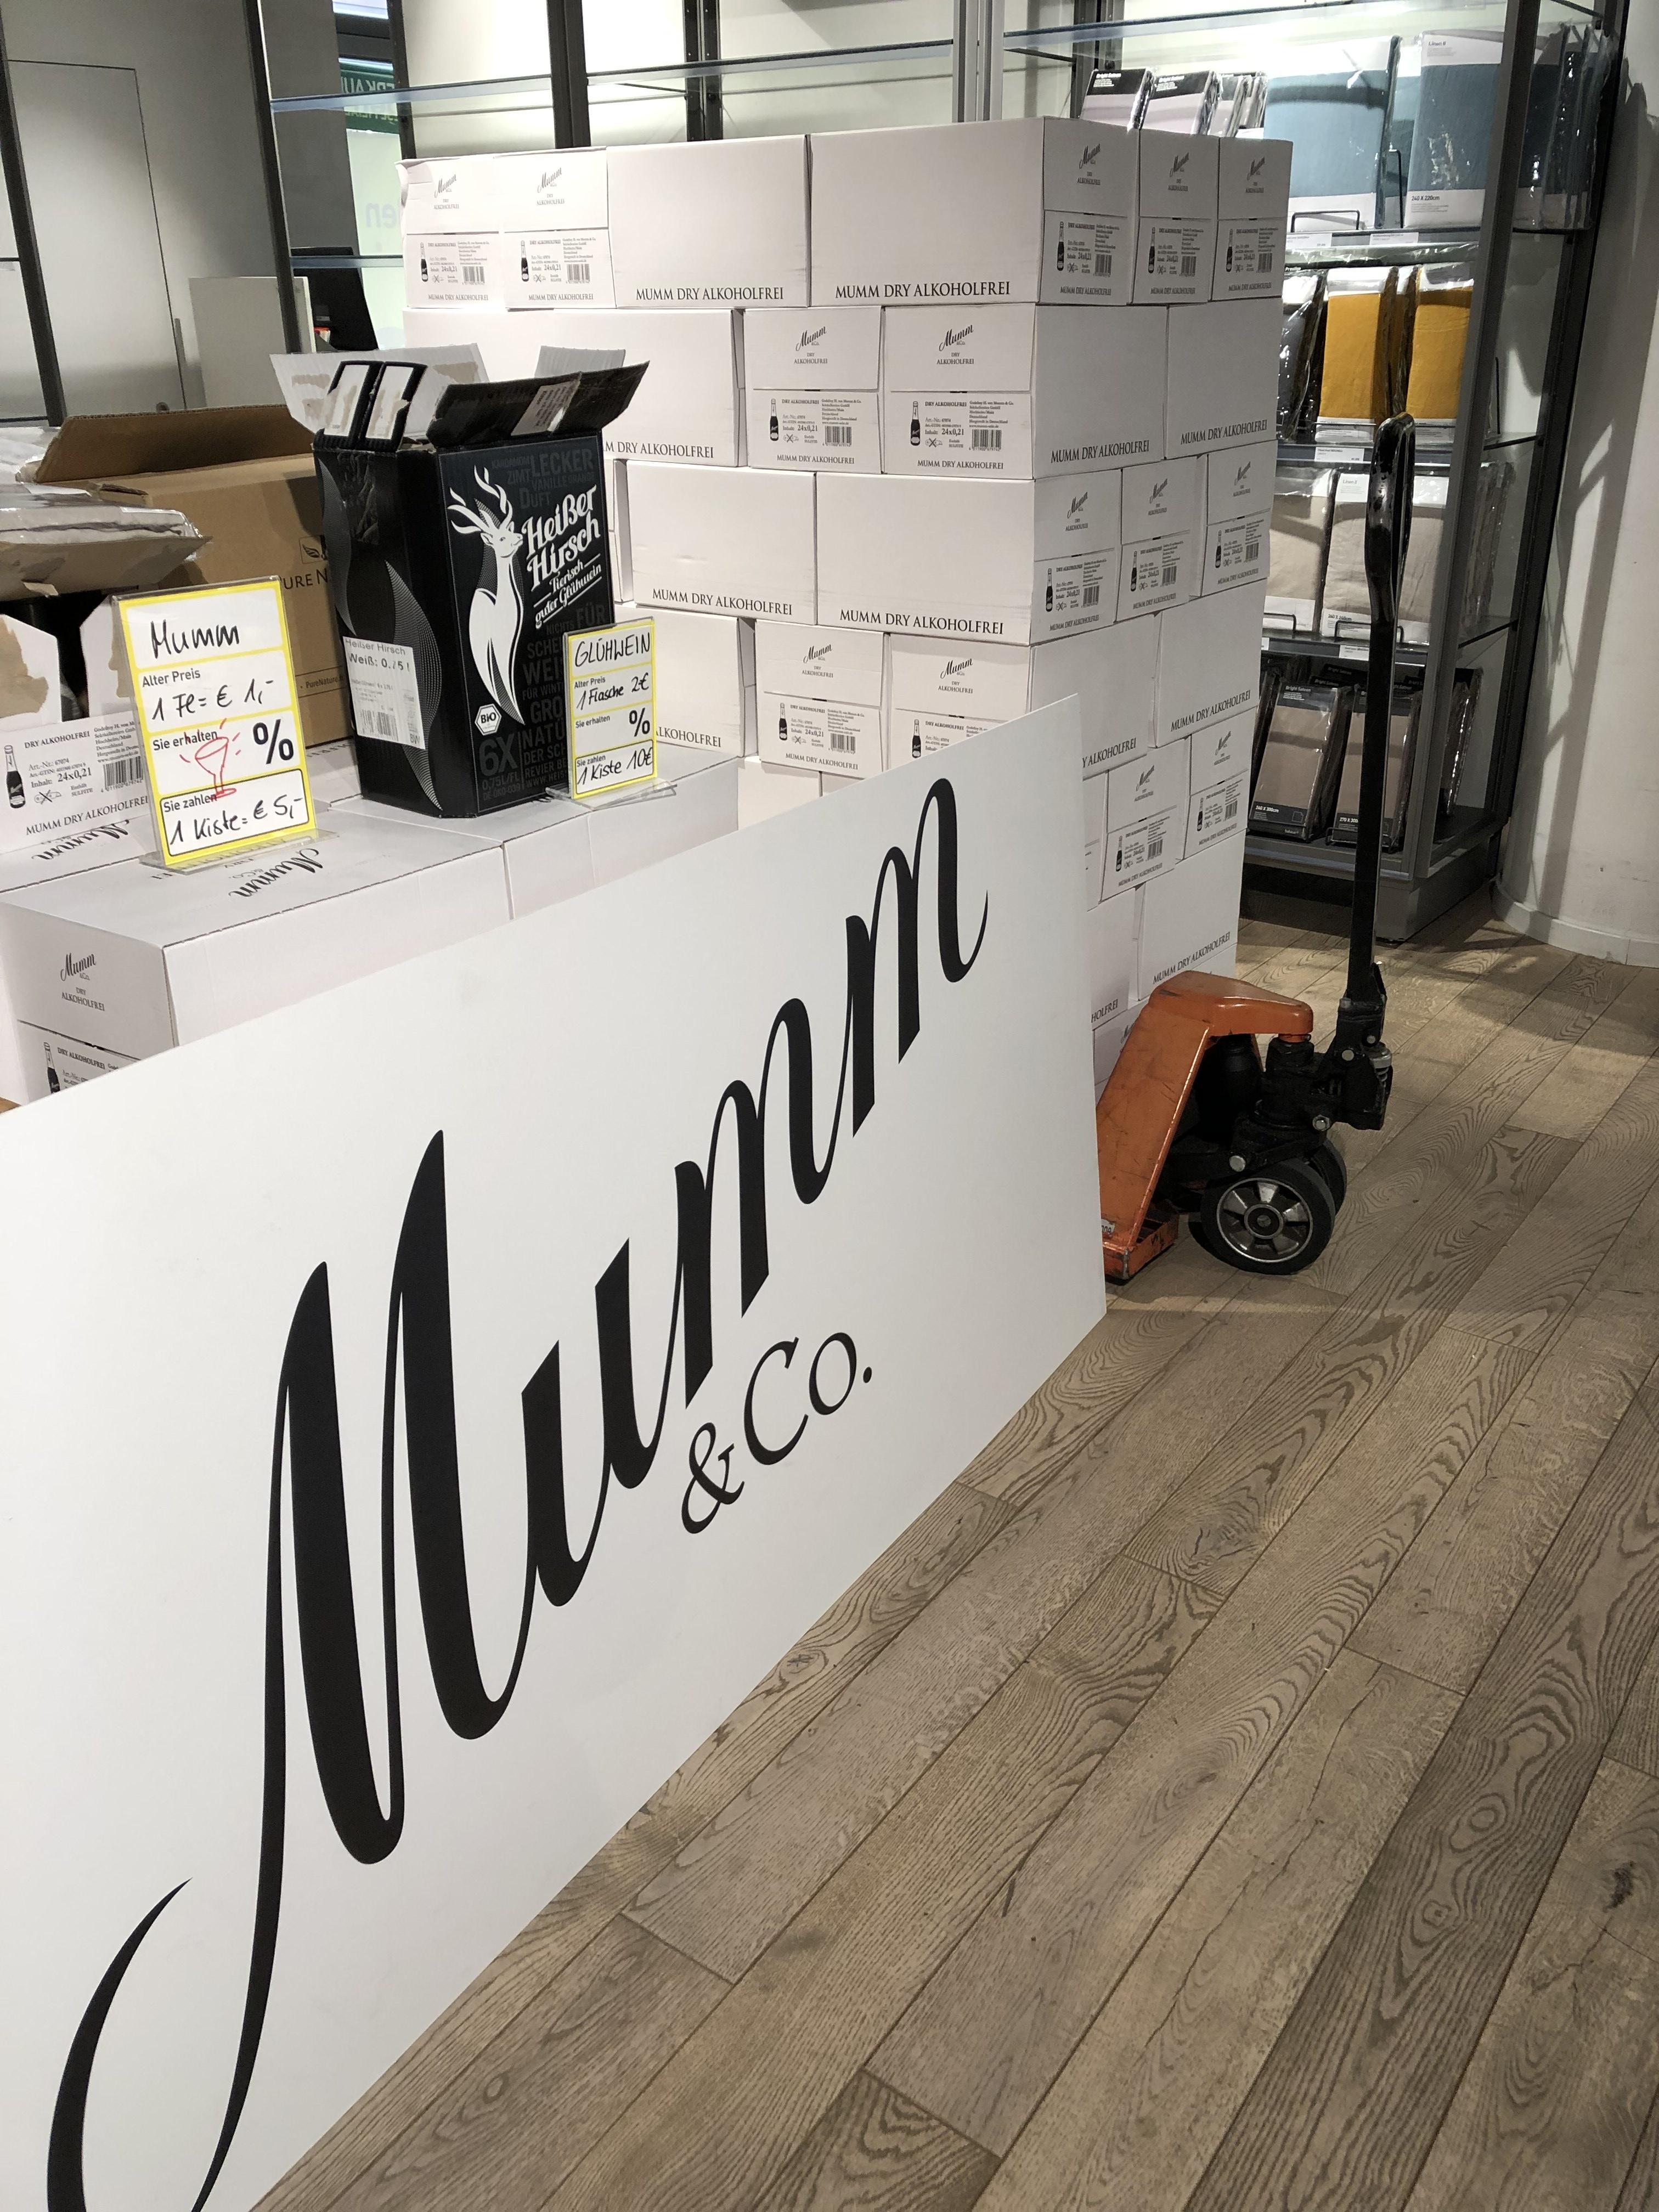 Mumm Dry Alkoholfrei Sekt - 24 Fläschchen für 5€ - Lokal